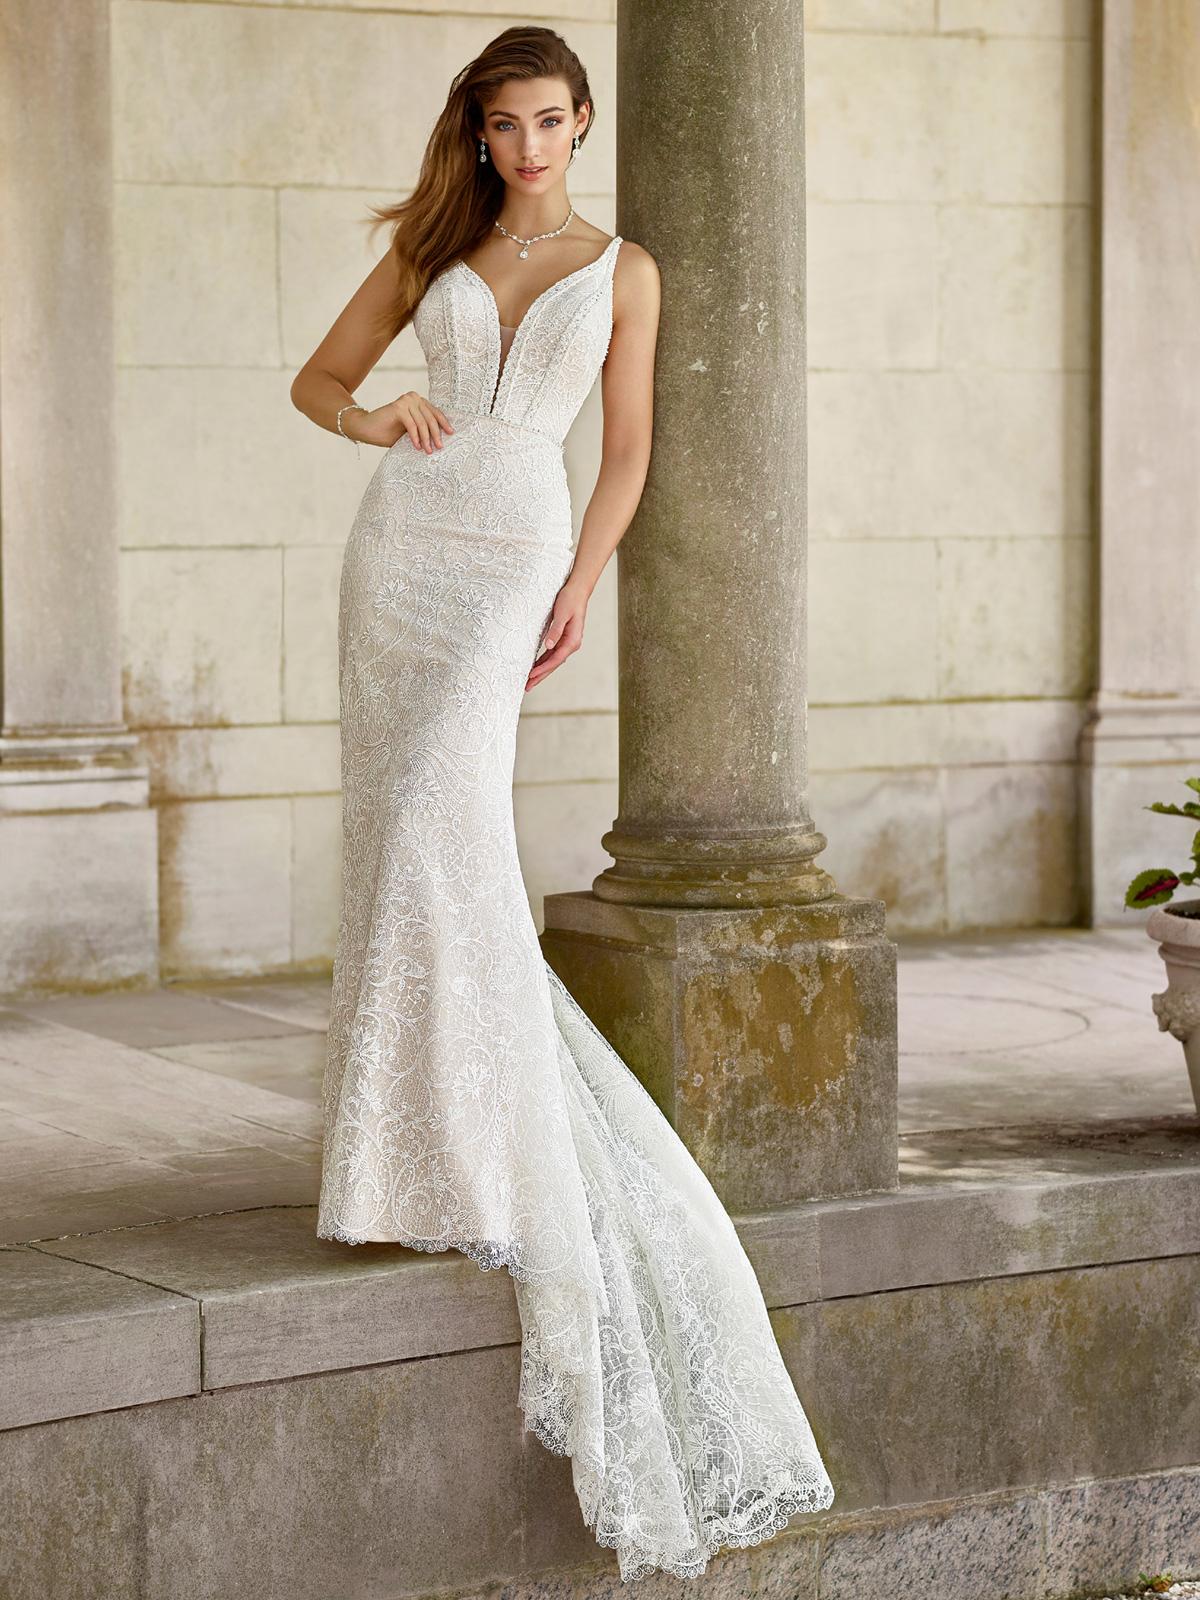 Vestido de Noiva inesquecível todo confeccionado em distinta renda grepure e rebordado em pedrarias, corte sereia e transparência no decote e costas.